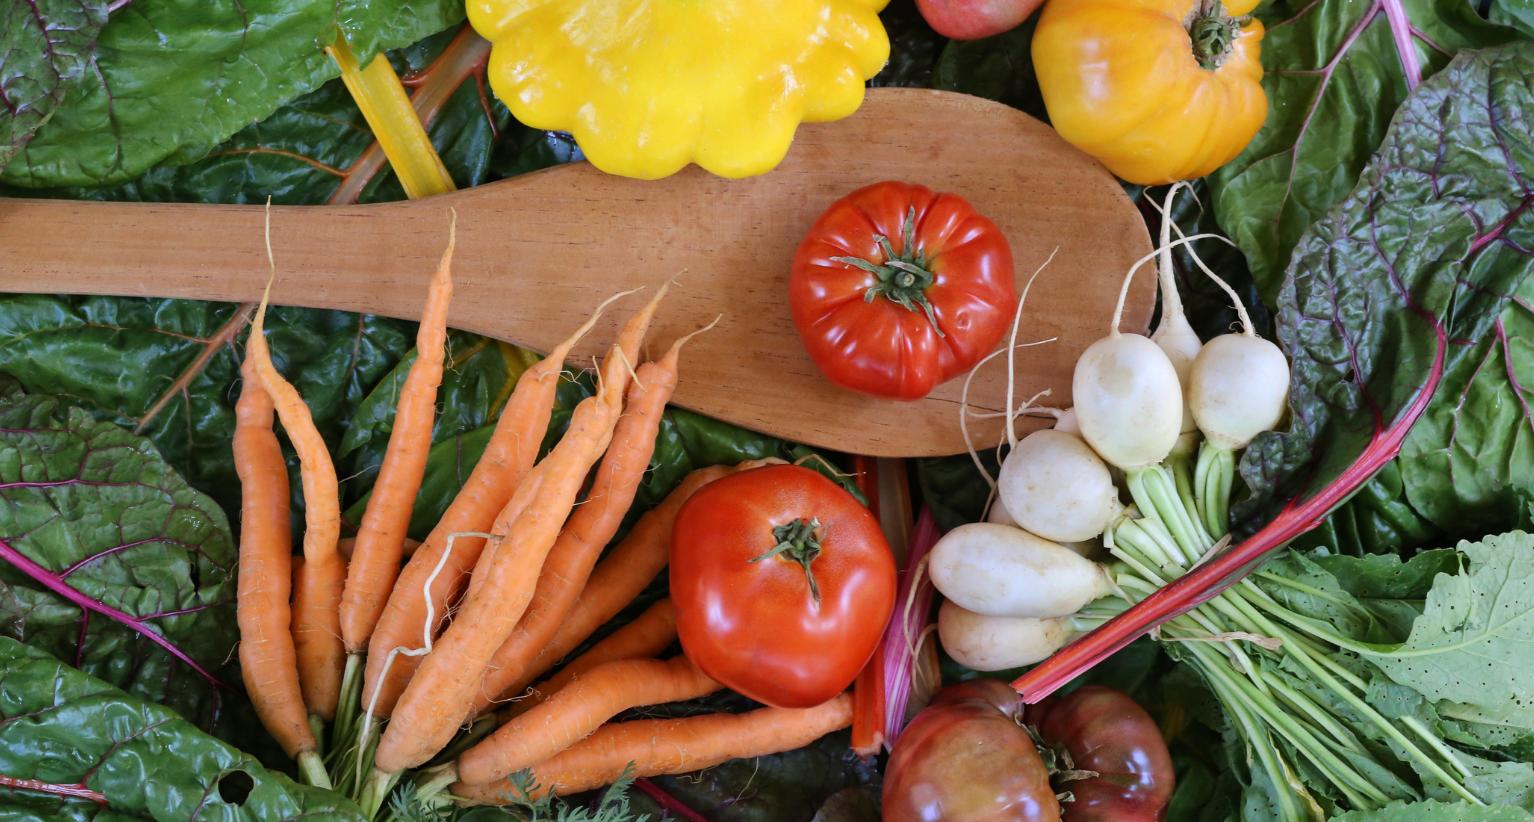 Magasins Fruits et légumes Uzès